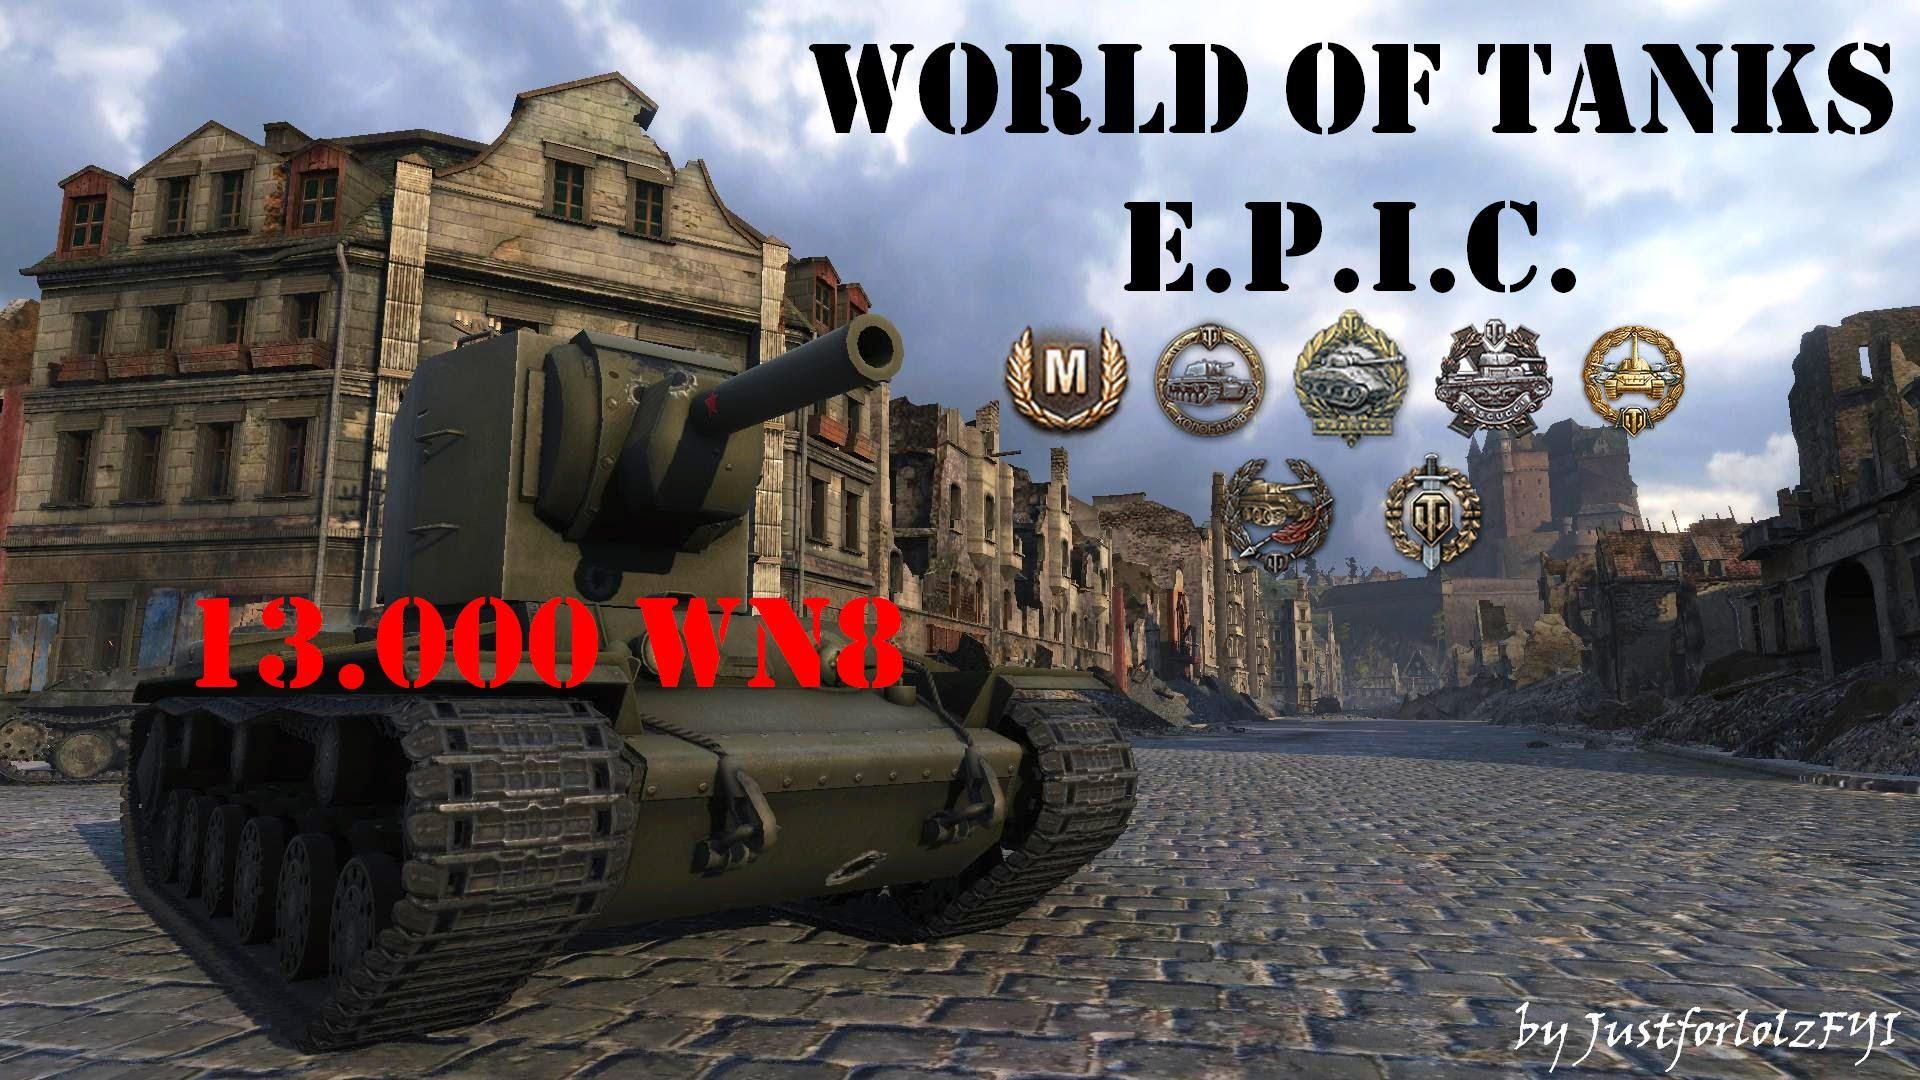 World Of Tanks E P I C Kv 2 Kolobanov S 13 000 Wn8 World Of Tanks Tank Epic